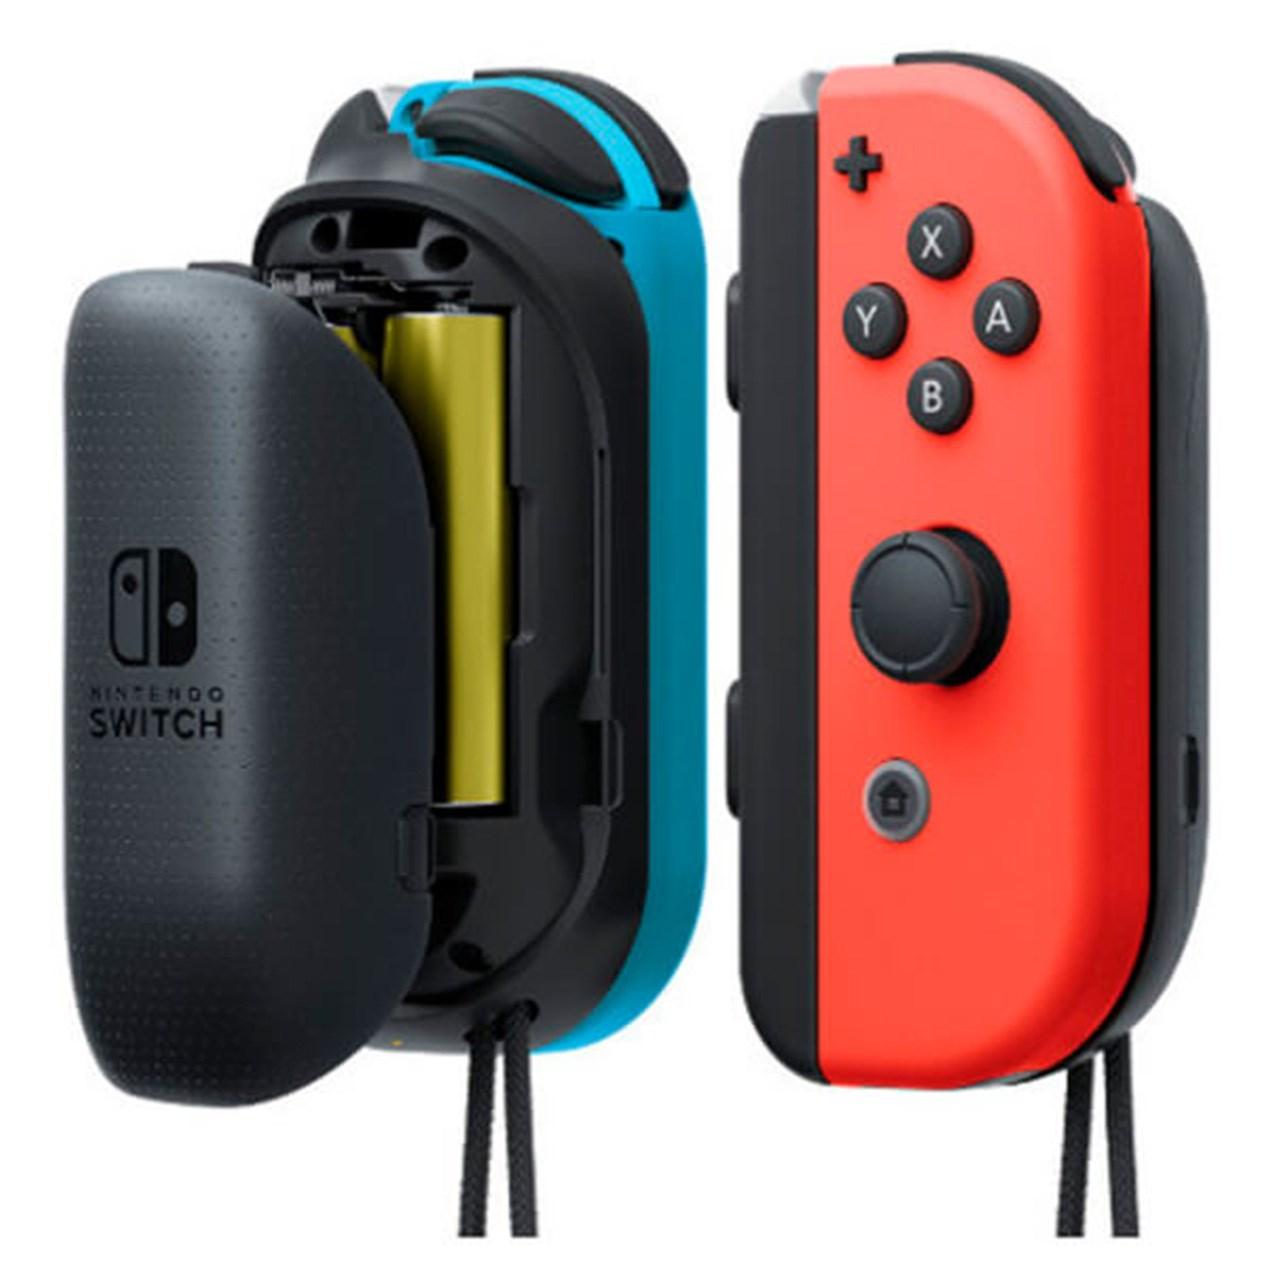 باتری کنترلر نینتندو مدل Joy-Con مناسب برای نینتندو سوییچ